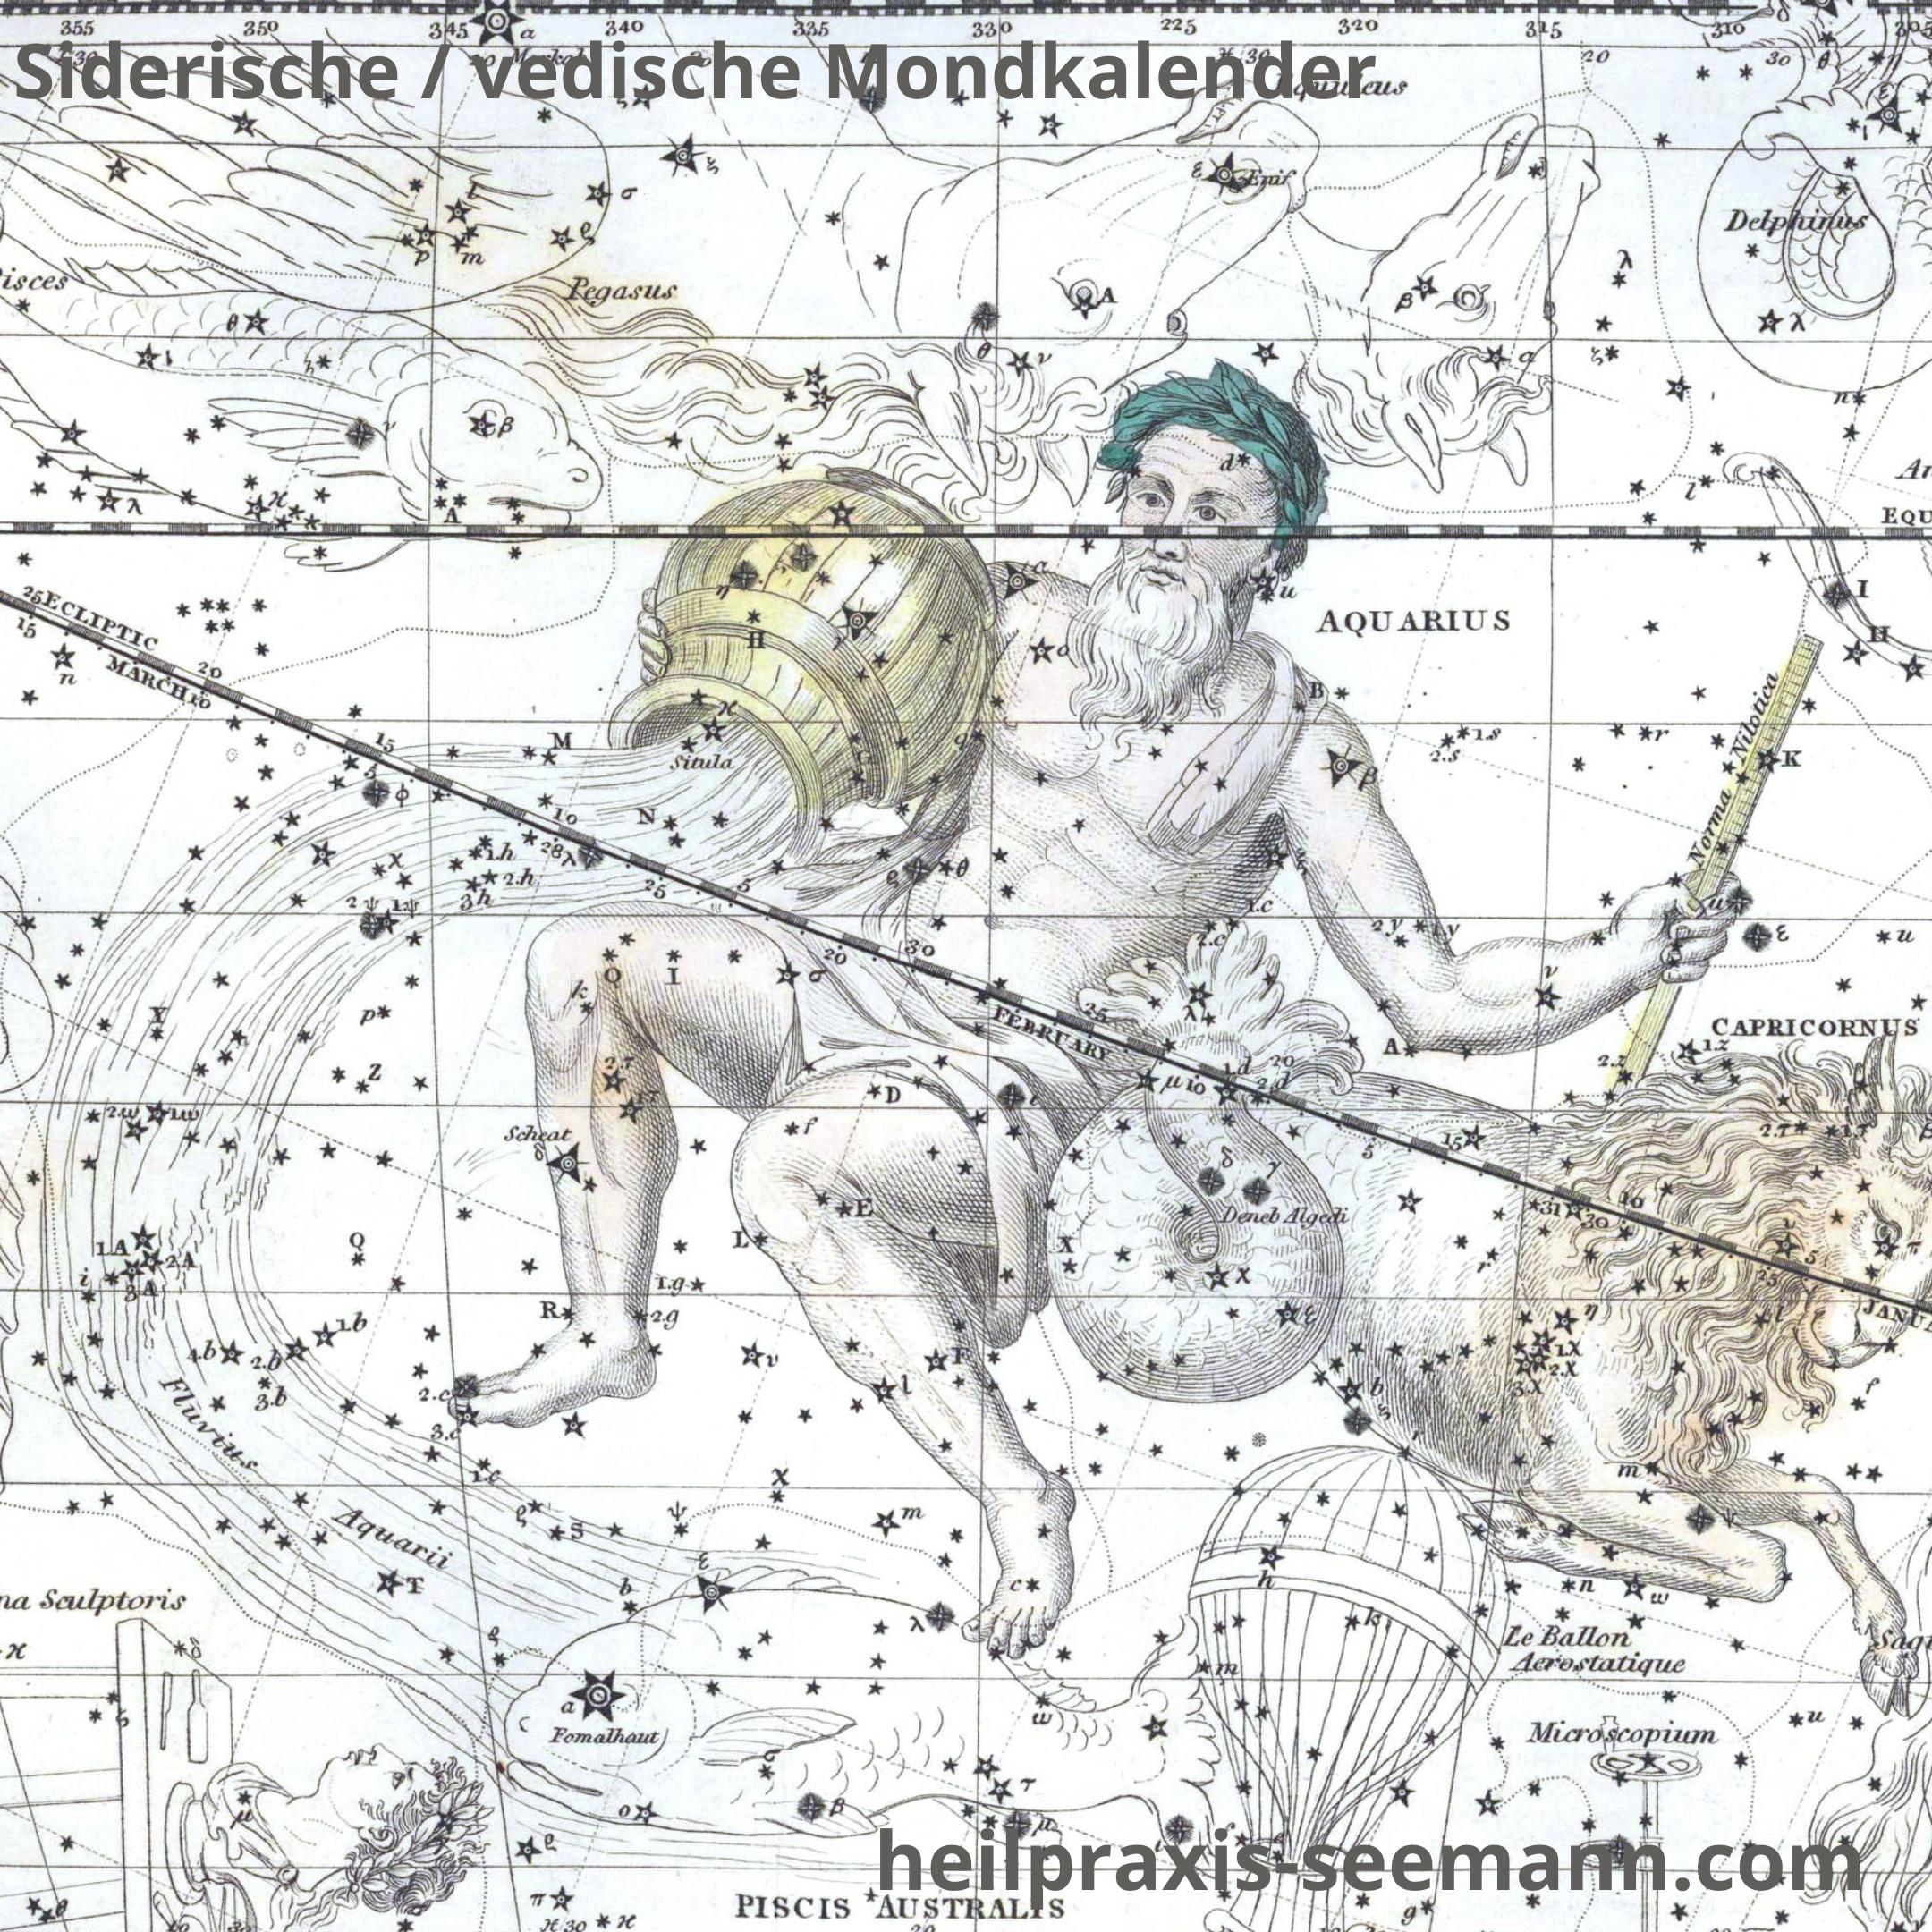 Siderische Mondkalender Wassermann